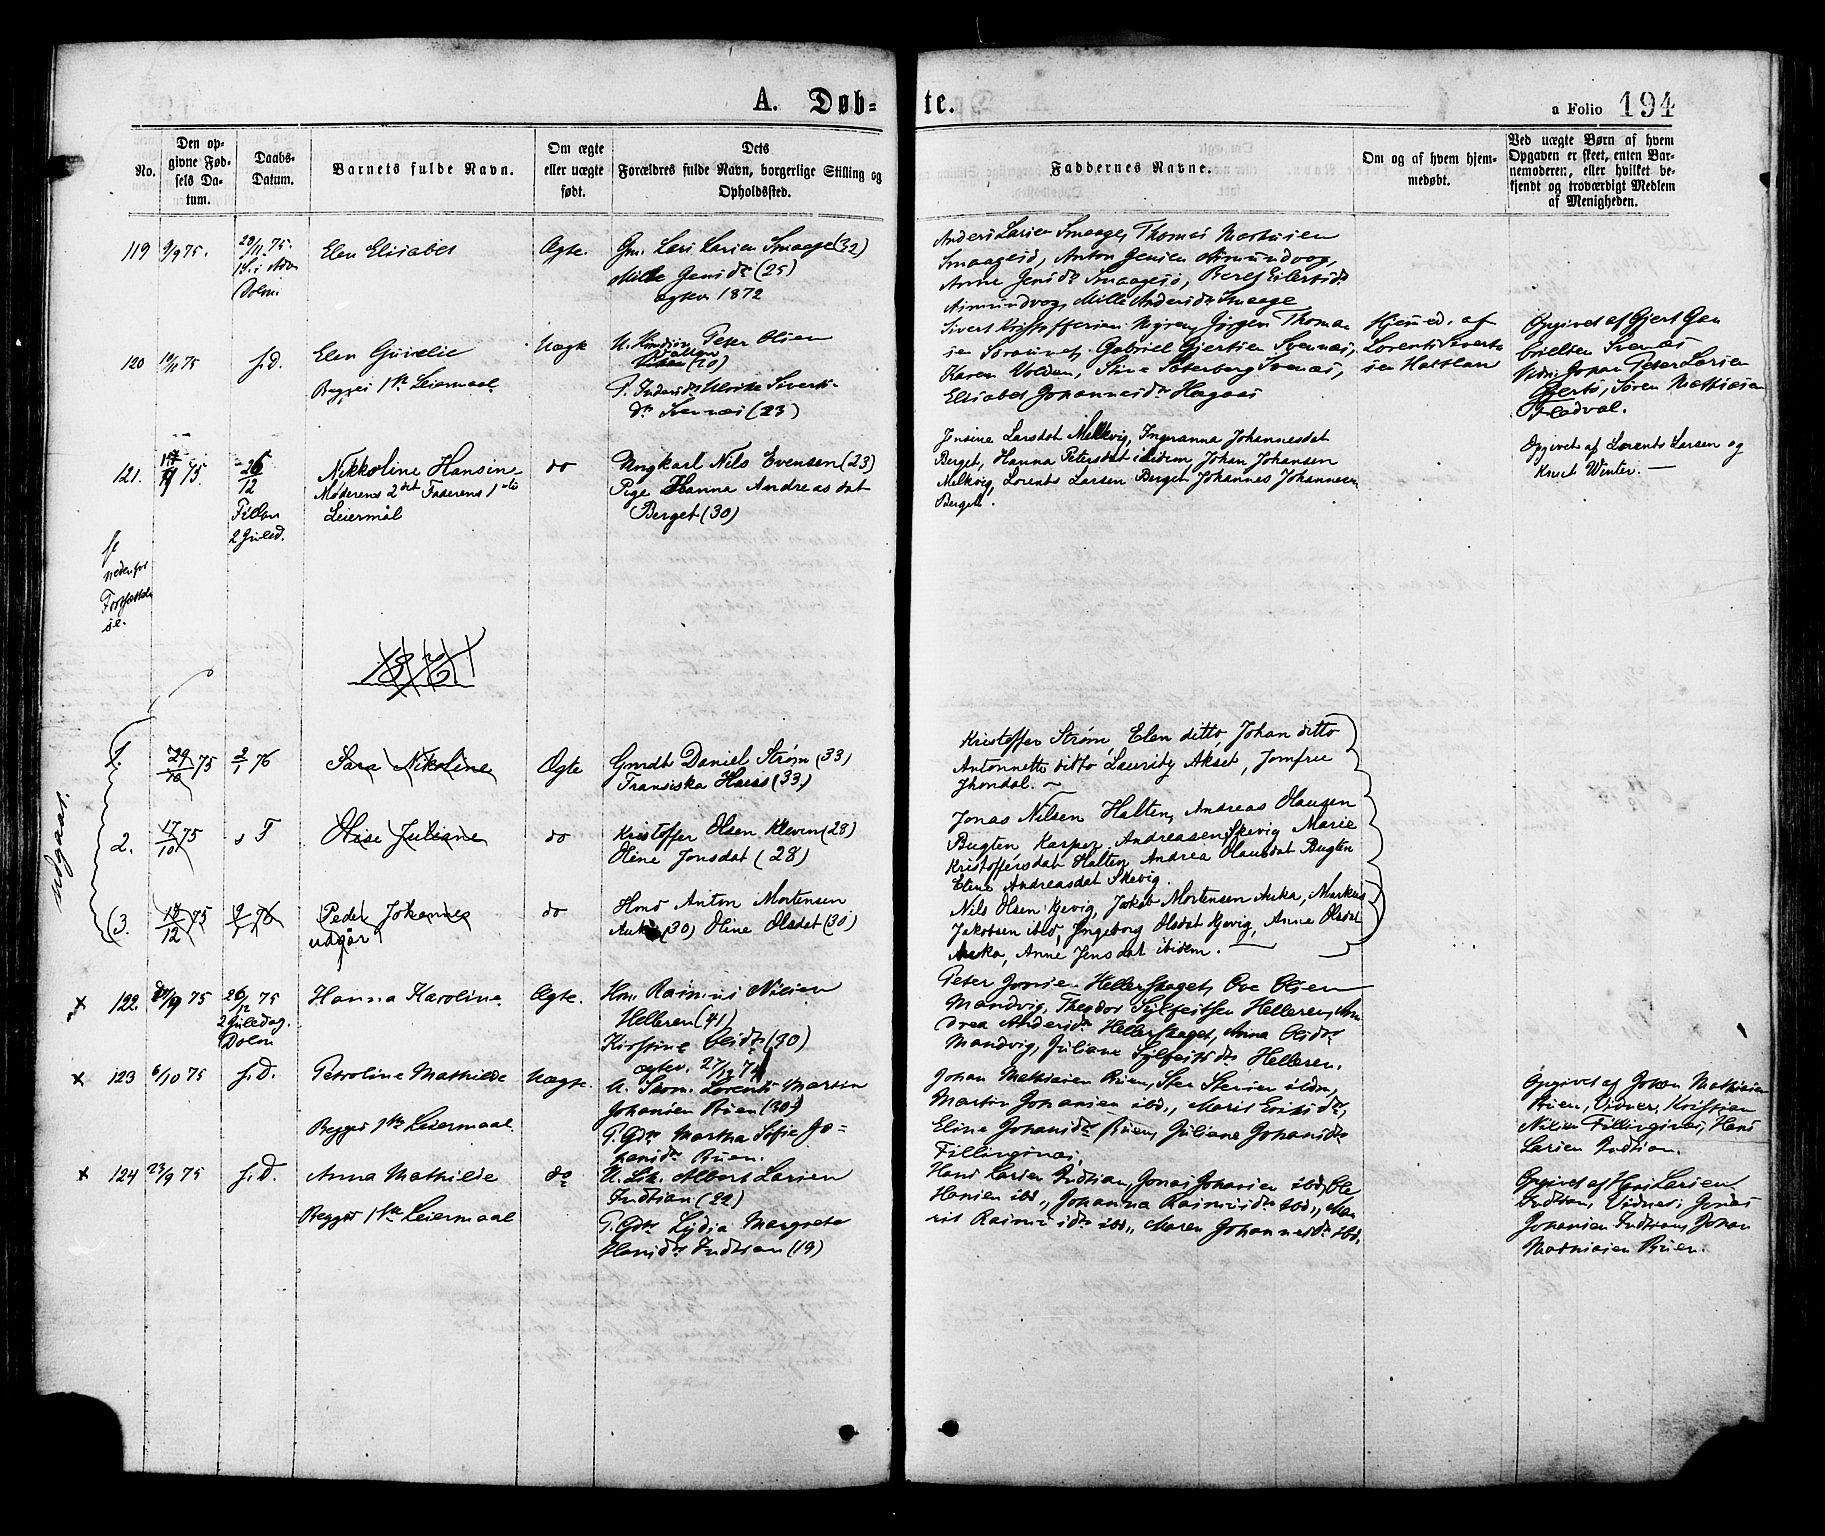 SAT, Ministerialprotokoller, klokkerbøker og fødselsregistre - Sør-Trøndelag, 634/L0532: Ministerialbok nr. 634A08, 1871-1881, s. 194